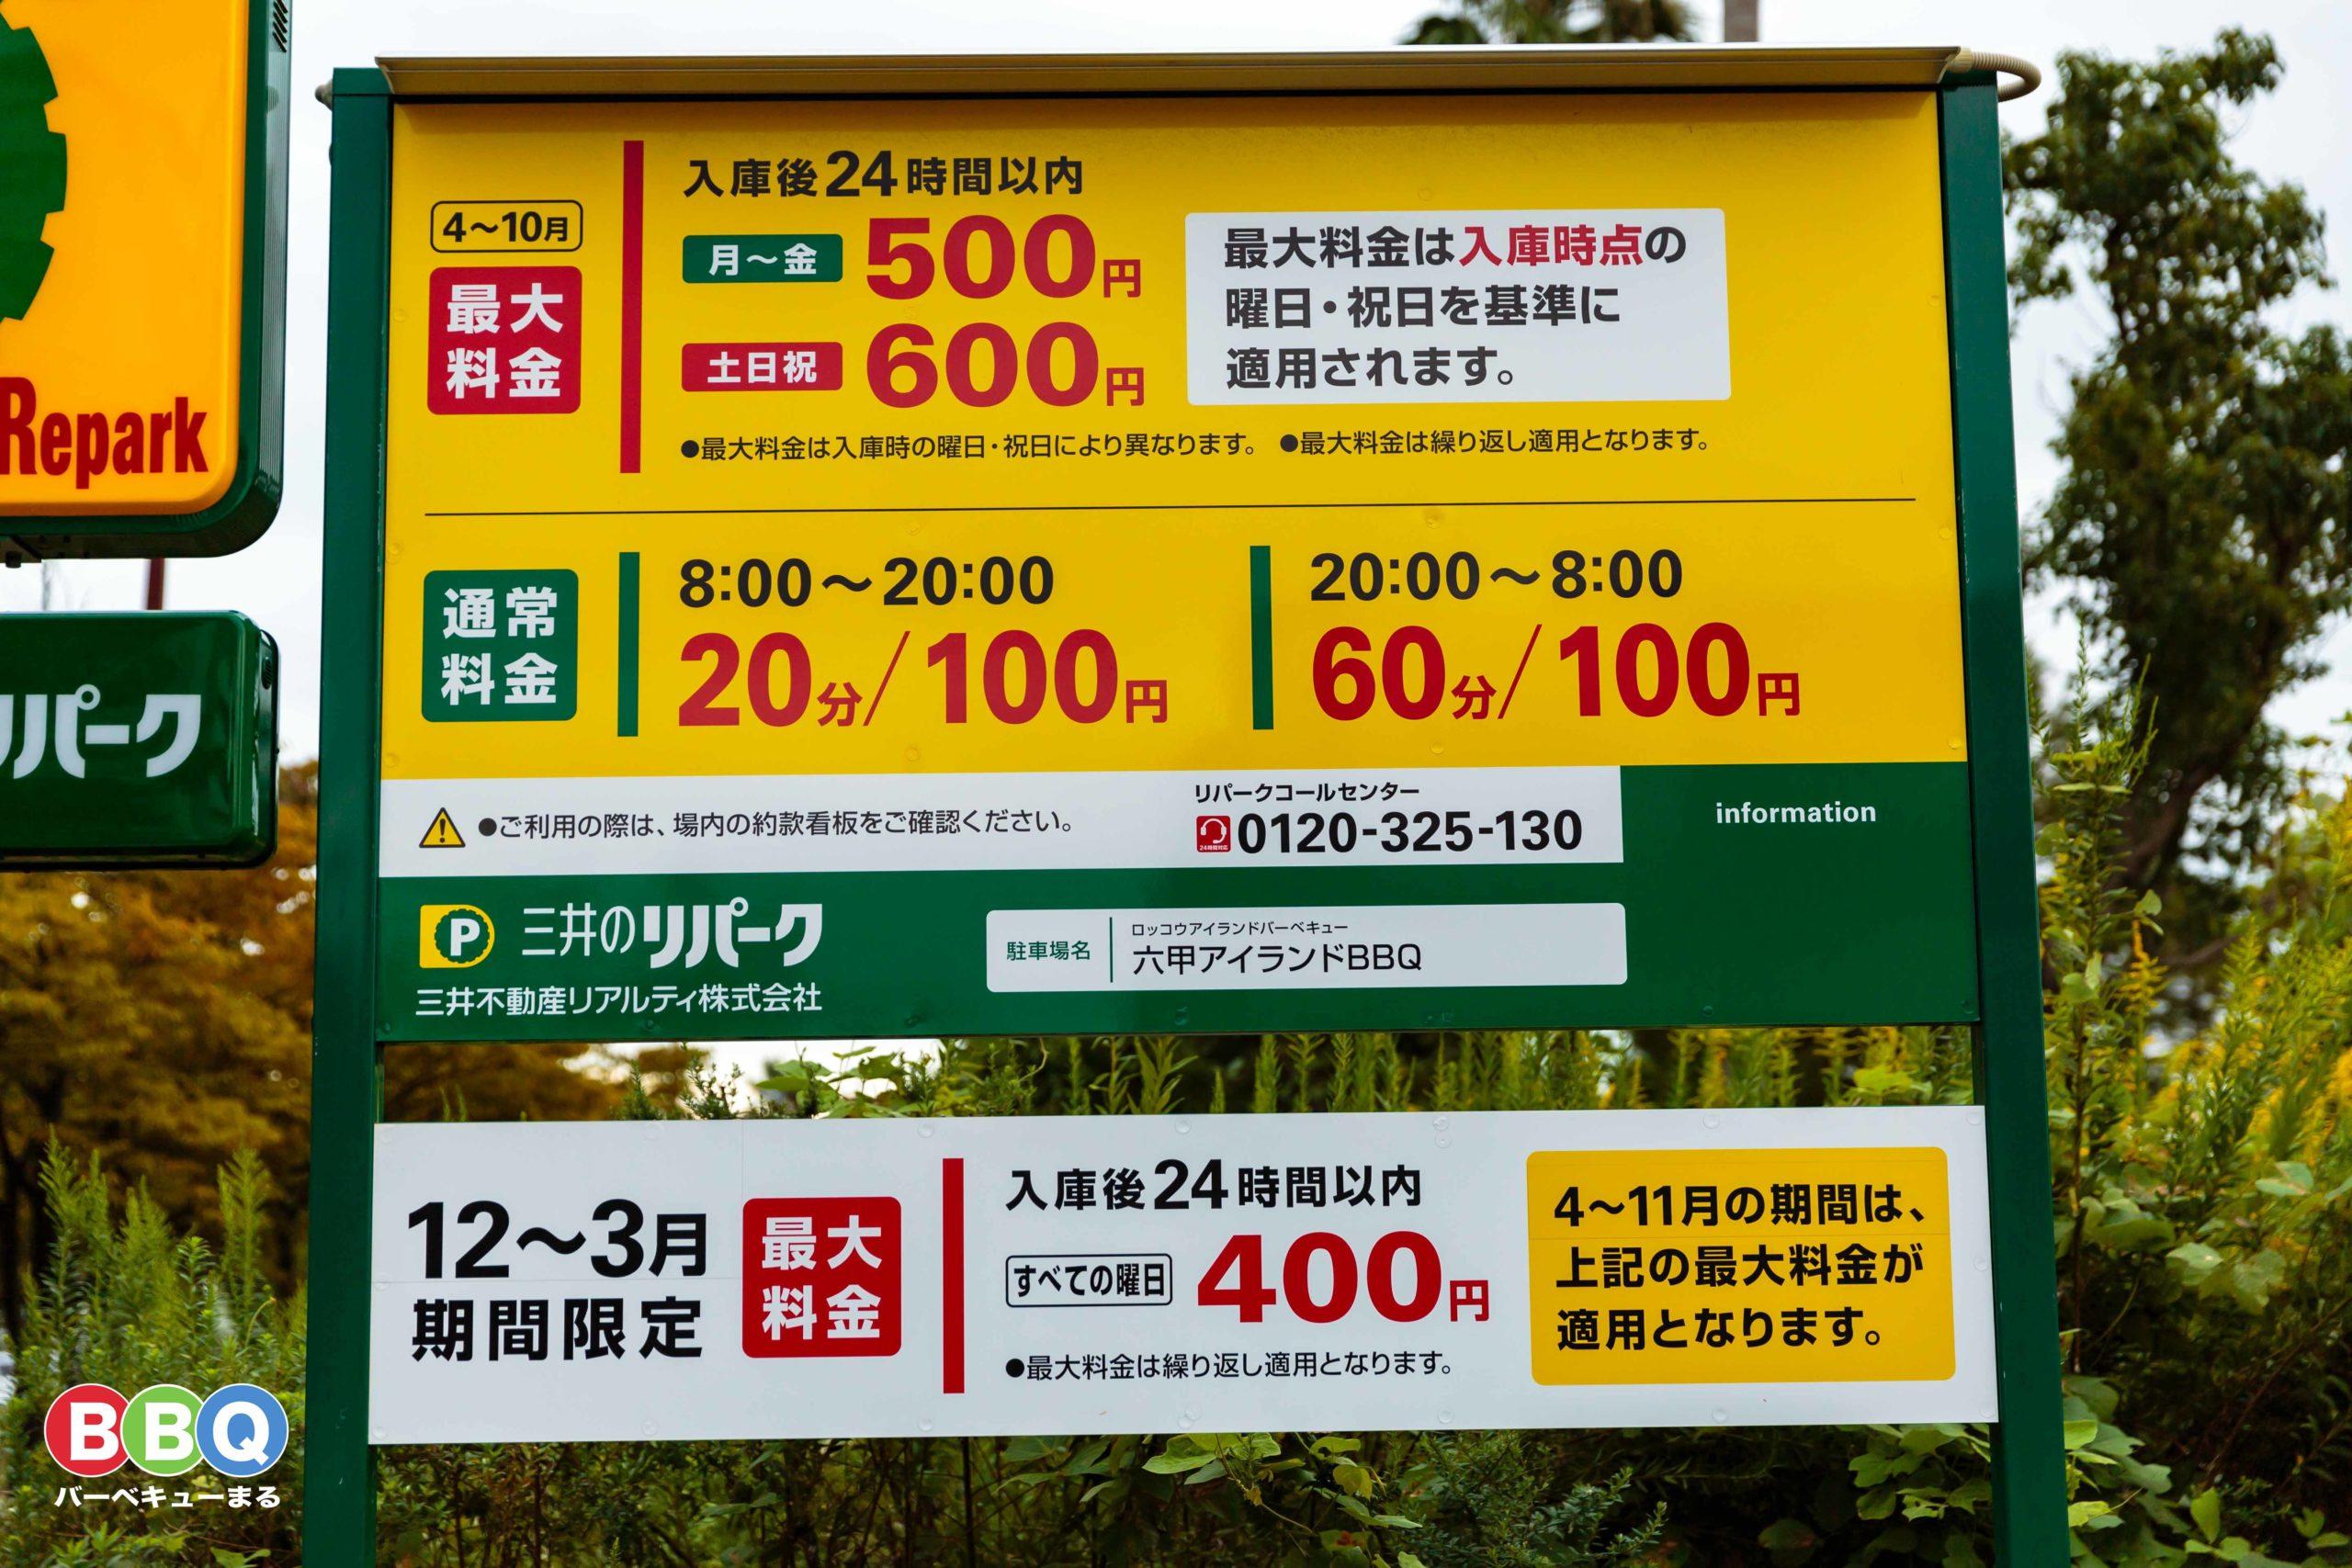 三井のリパーク 六甲アイランドBBQ駐車場料金表